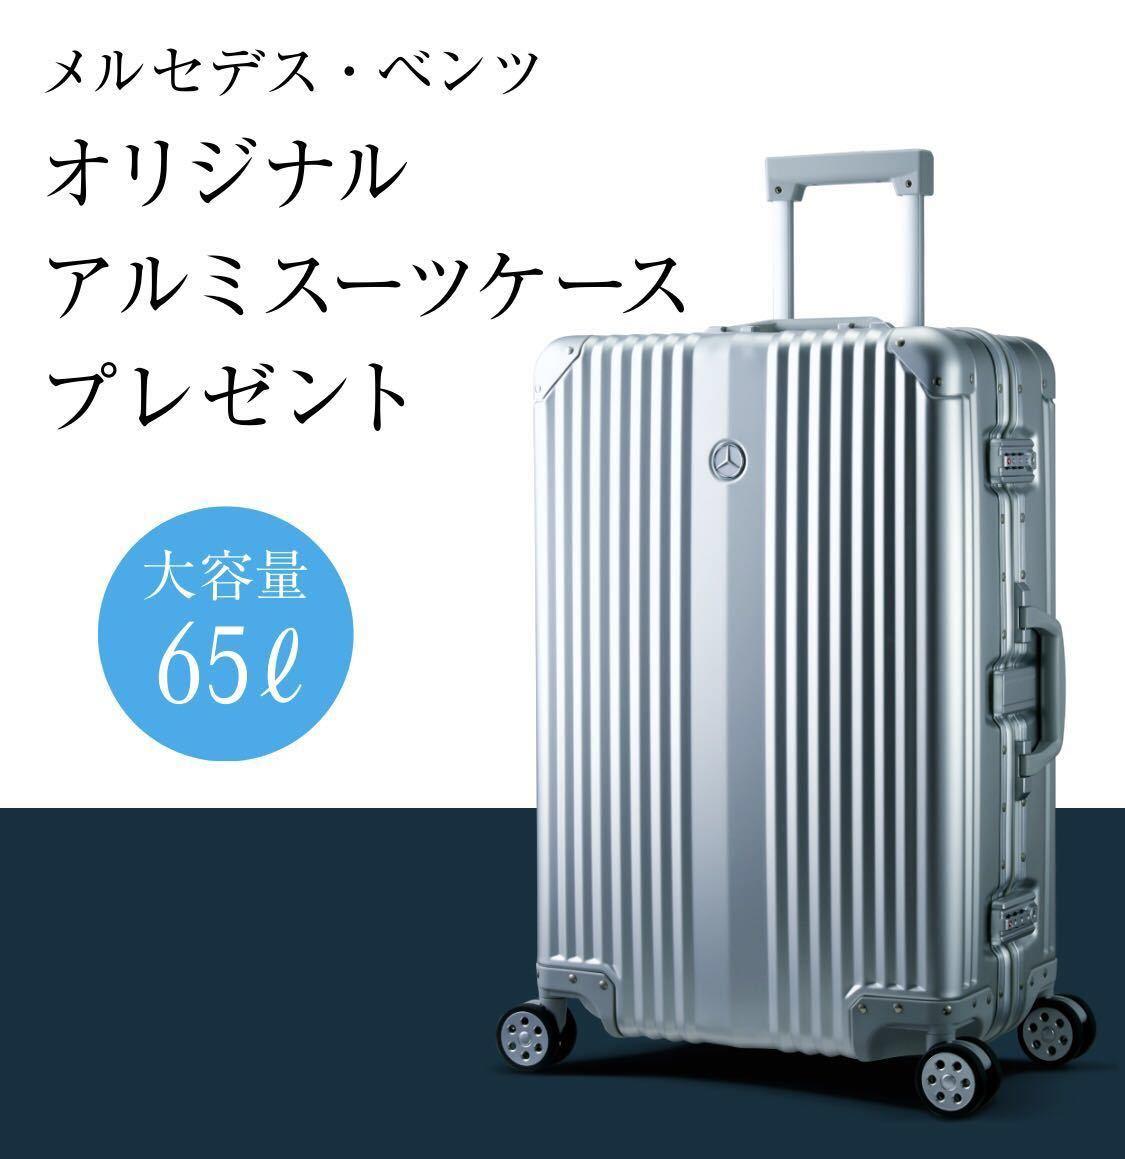 新品 大容量65L 未開封元箱入 メルセデス・ベンツ オリジナル アルミ キャリーケース アルミスーツケース_画像3